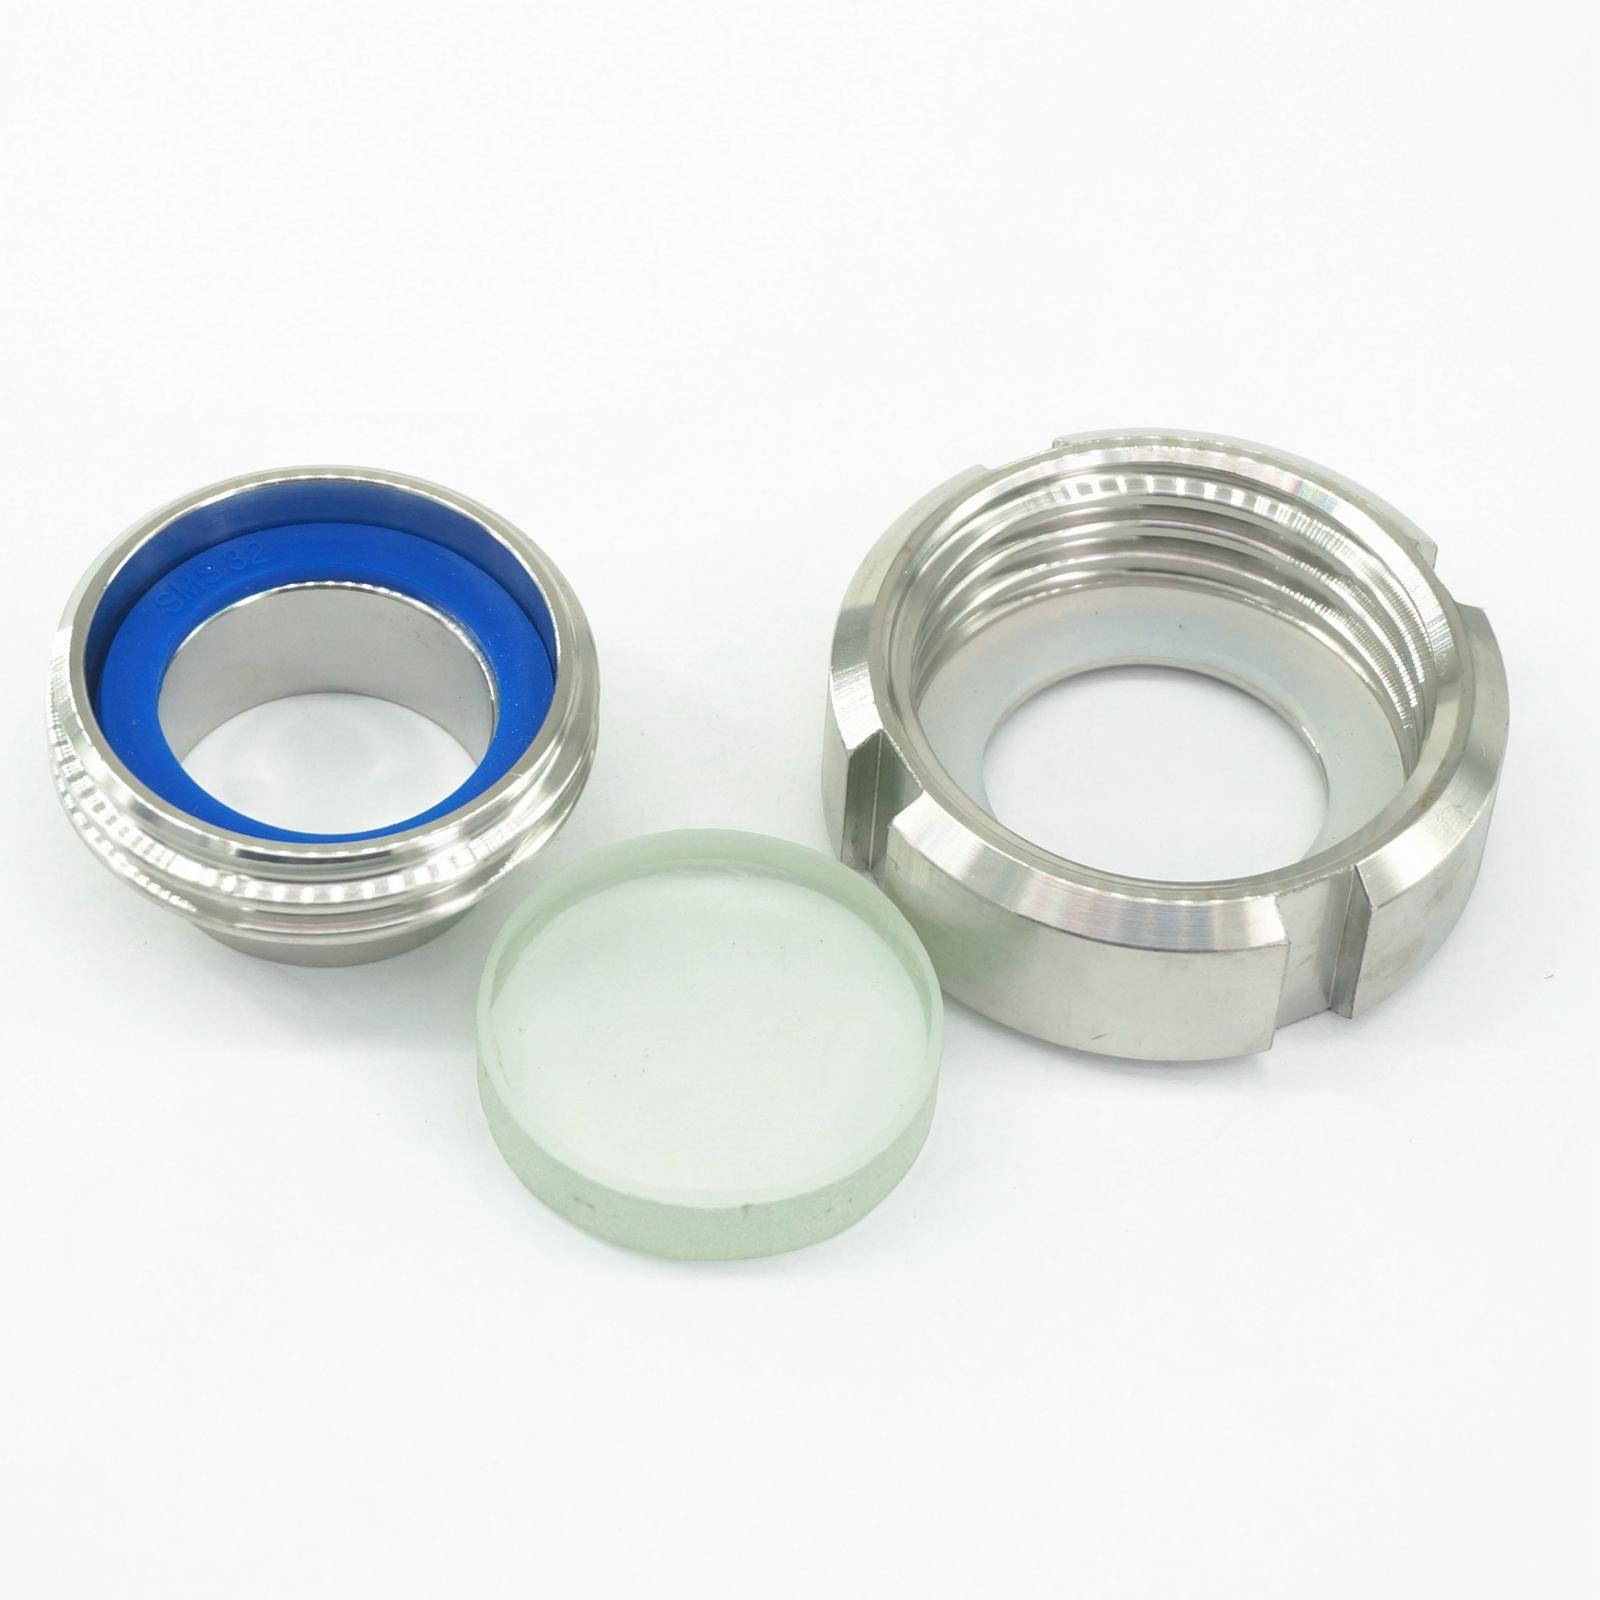 32 مللي متر الصحية لحام الاتحاد نوع البصر الزجاج الفولاذ المقاوم للصدأ SS304 دائري